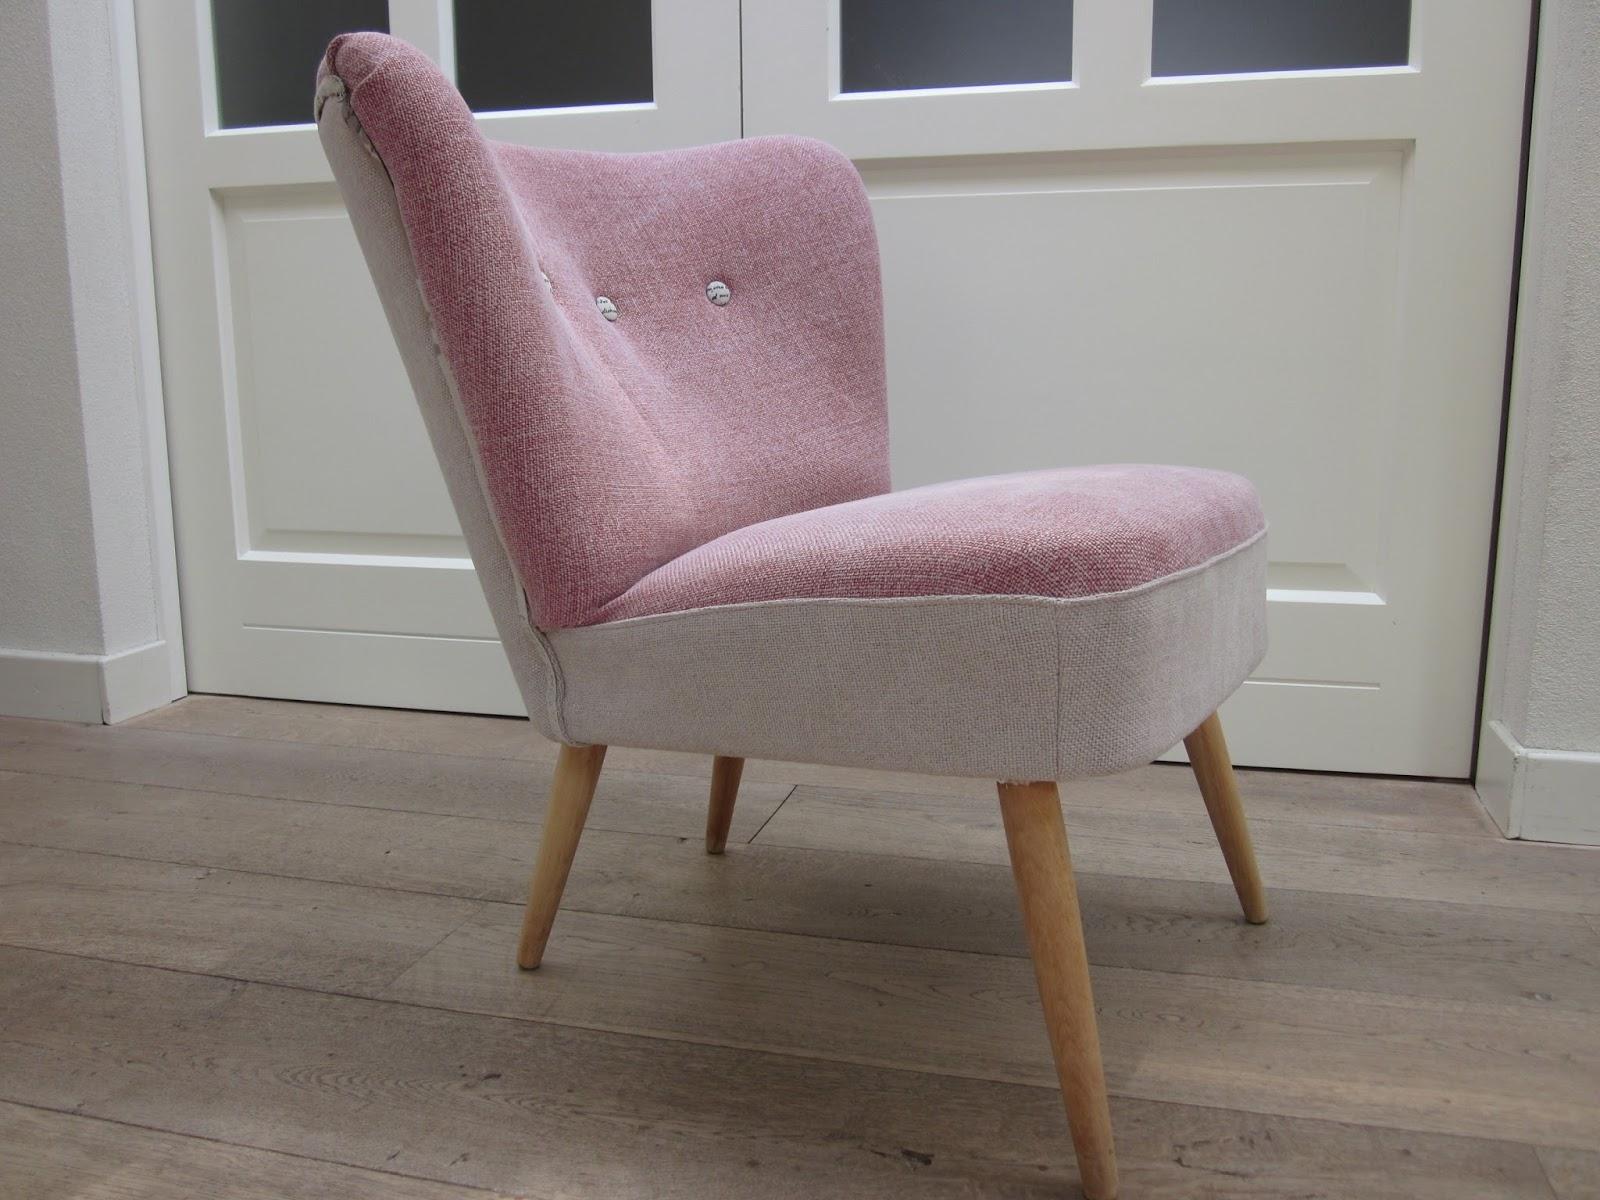 Oud Roze Fauteuil : Oud roze fauteuil trendy great with roze fauteuil with oud roze